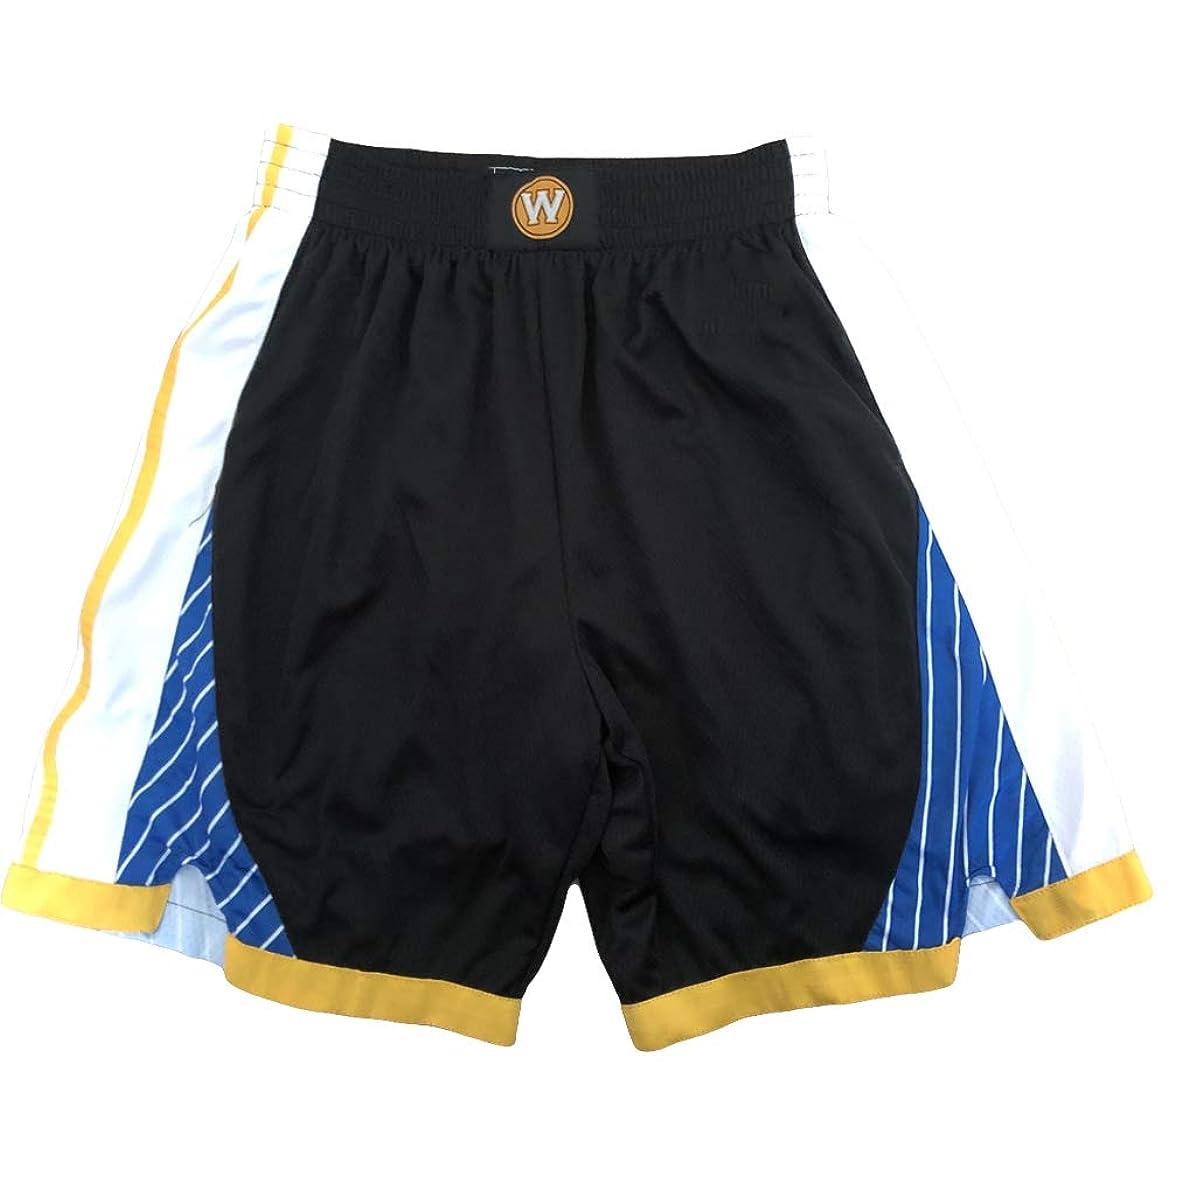 皮肉障害ファイアルメンズバスケットボールショーツ#30#11ジムランニングショーツメッシュデザインパンツ